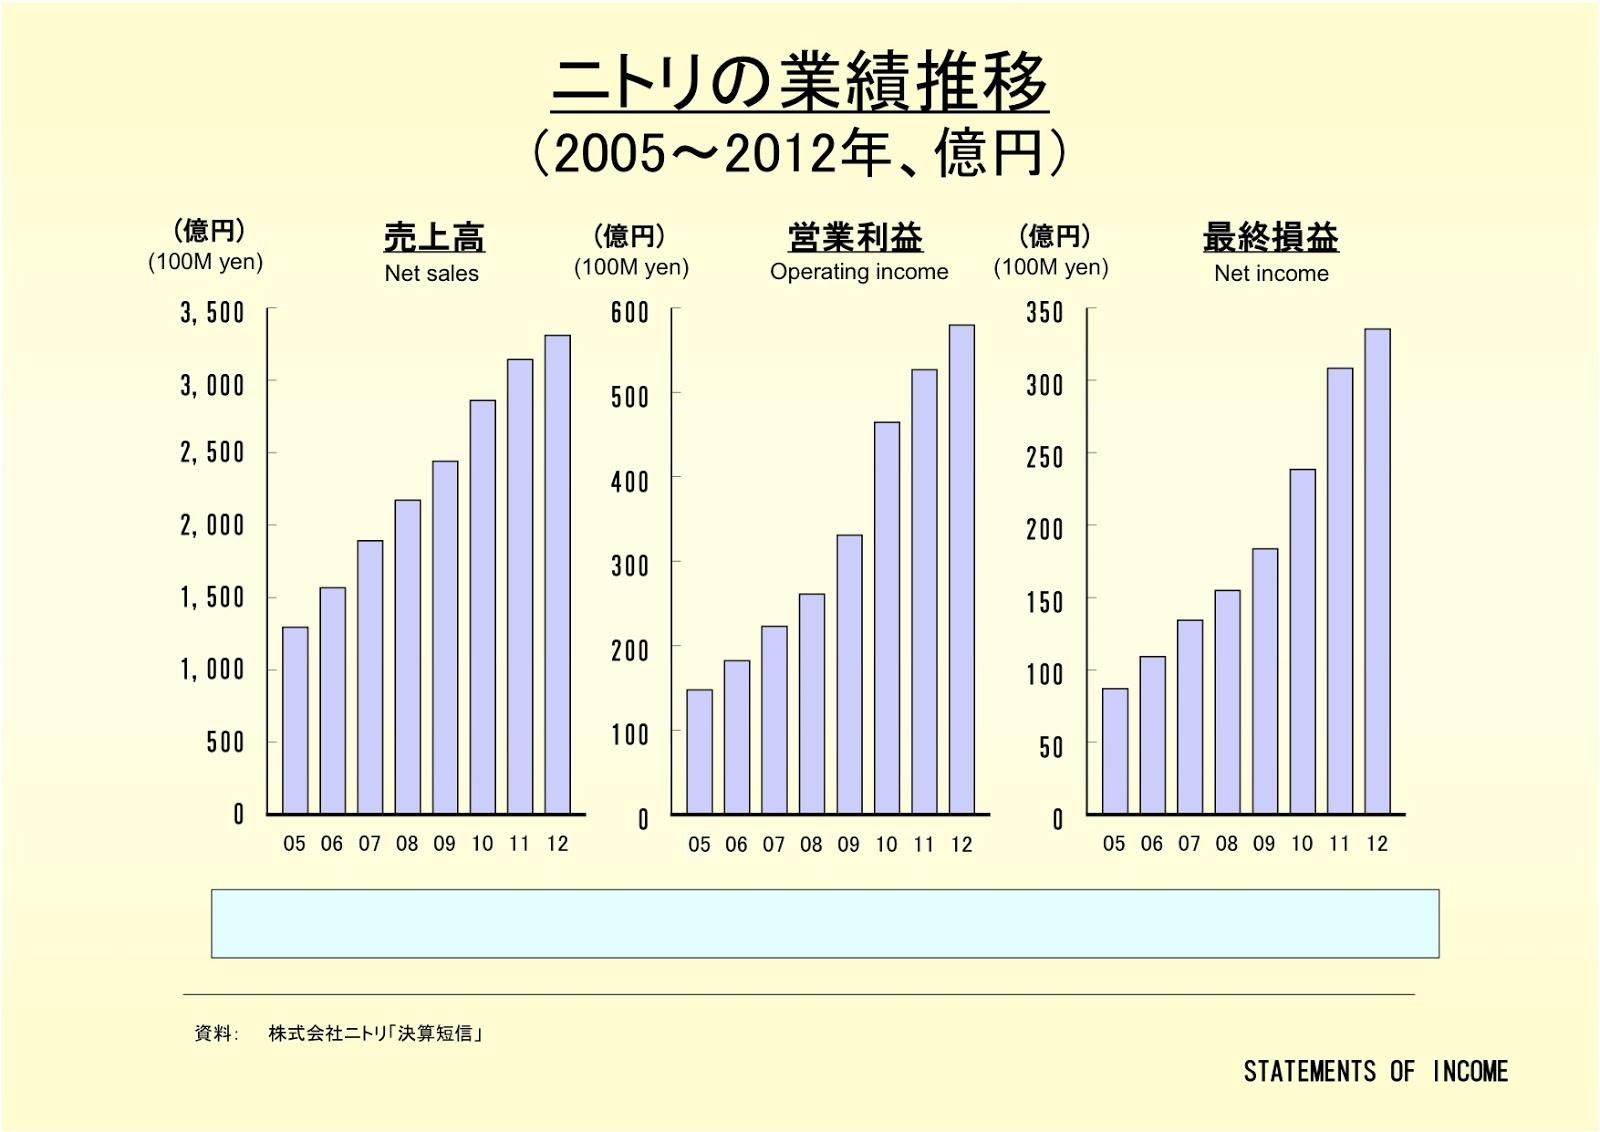 株式会社ニトリの業績推移